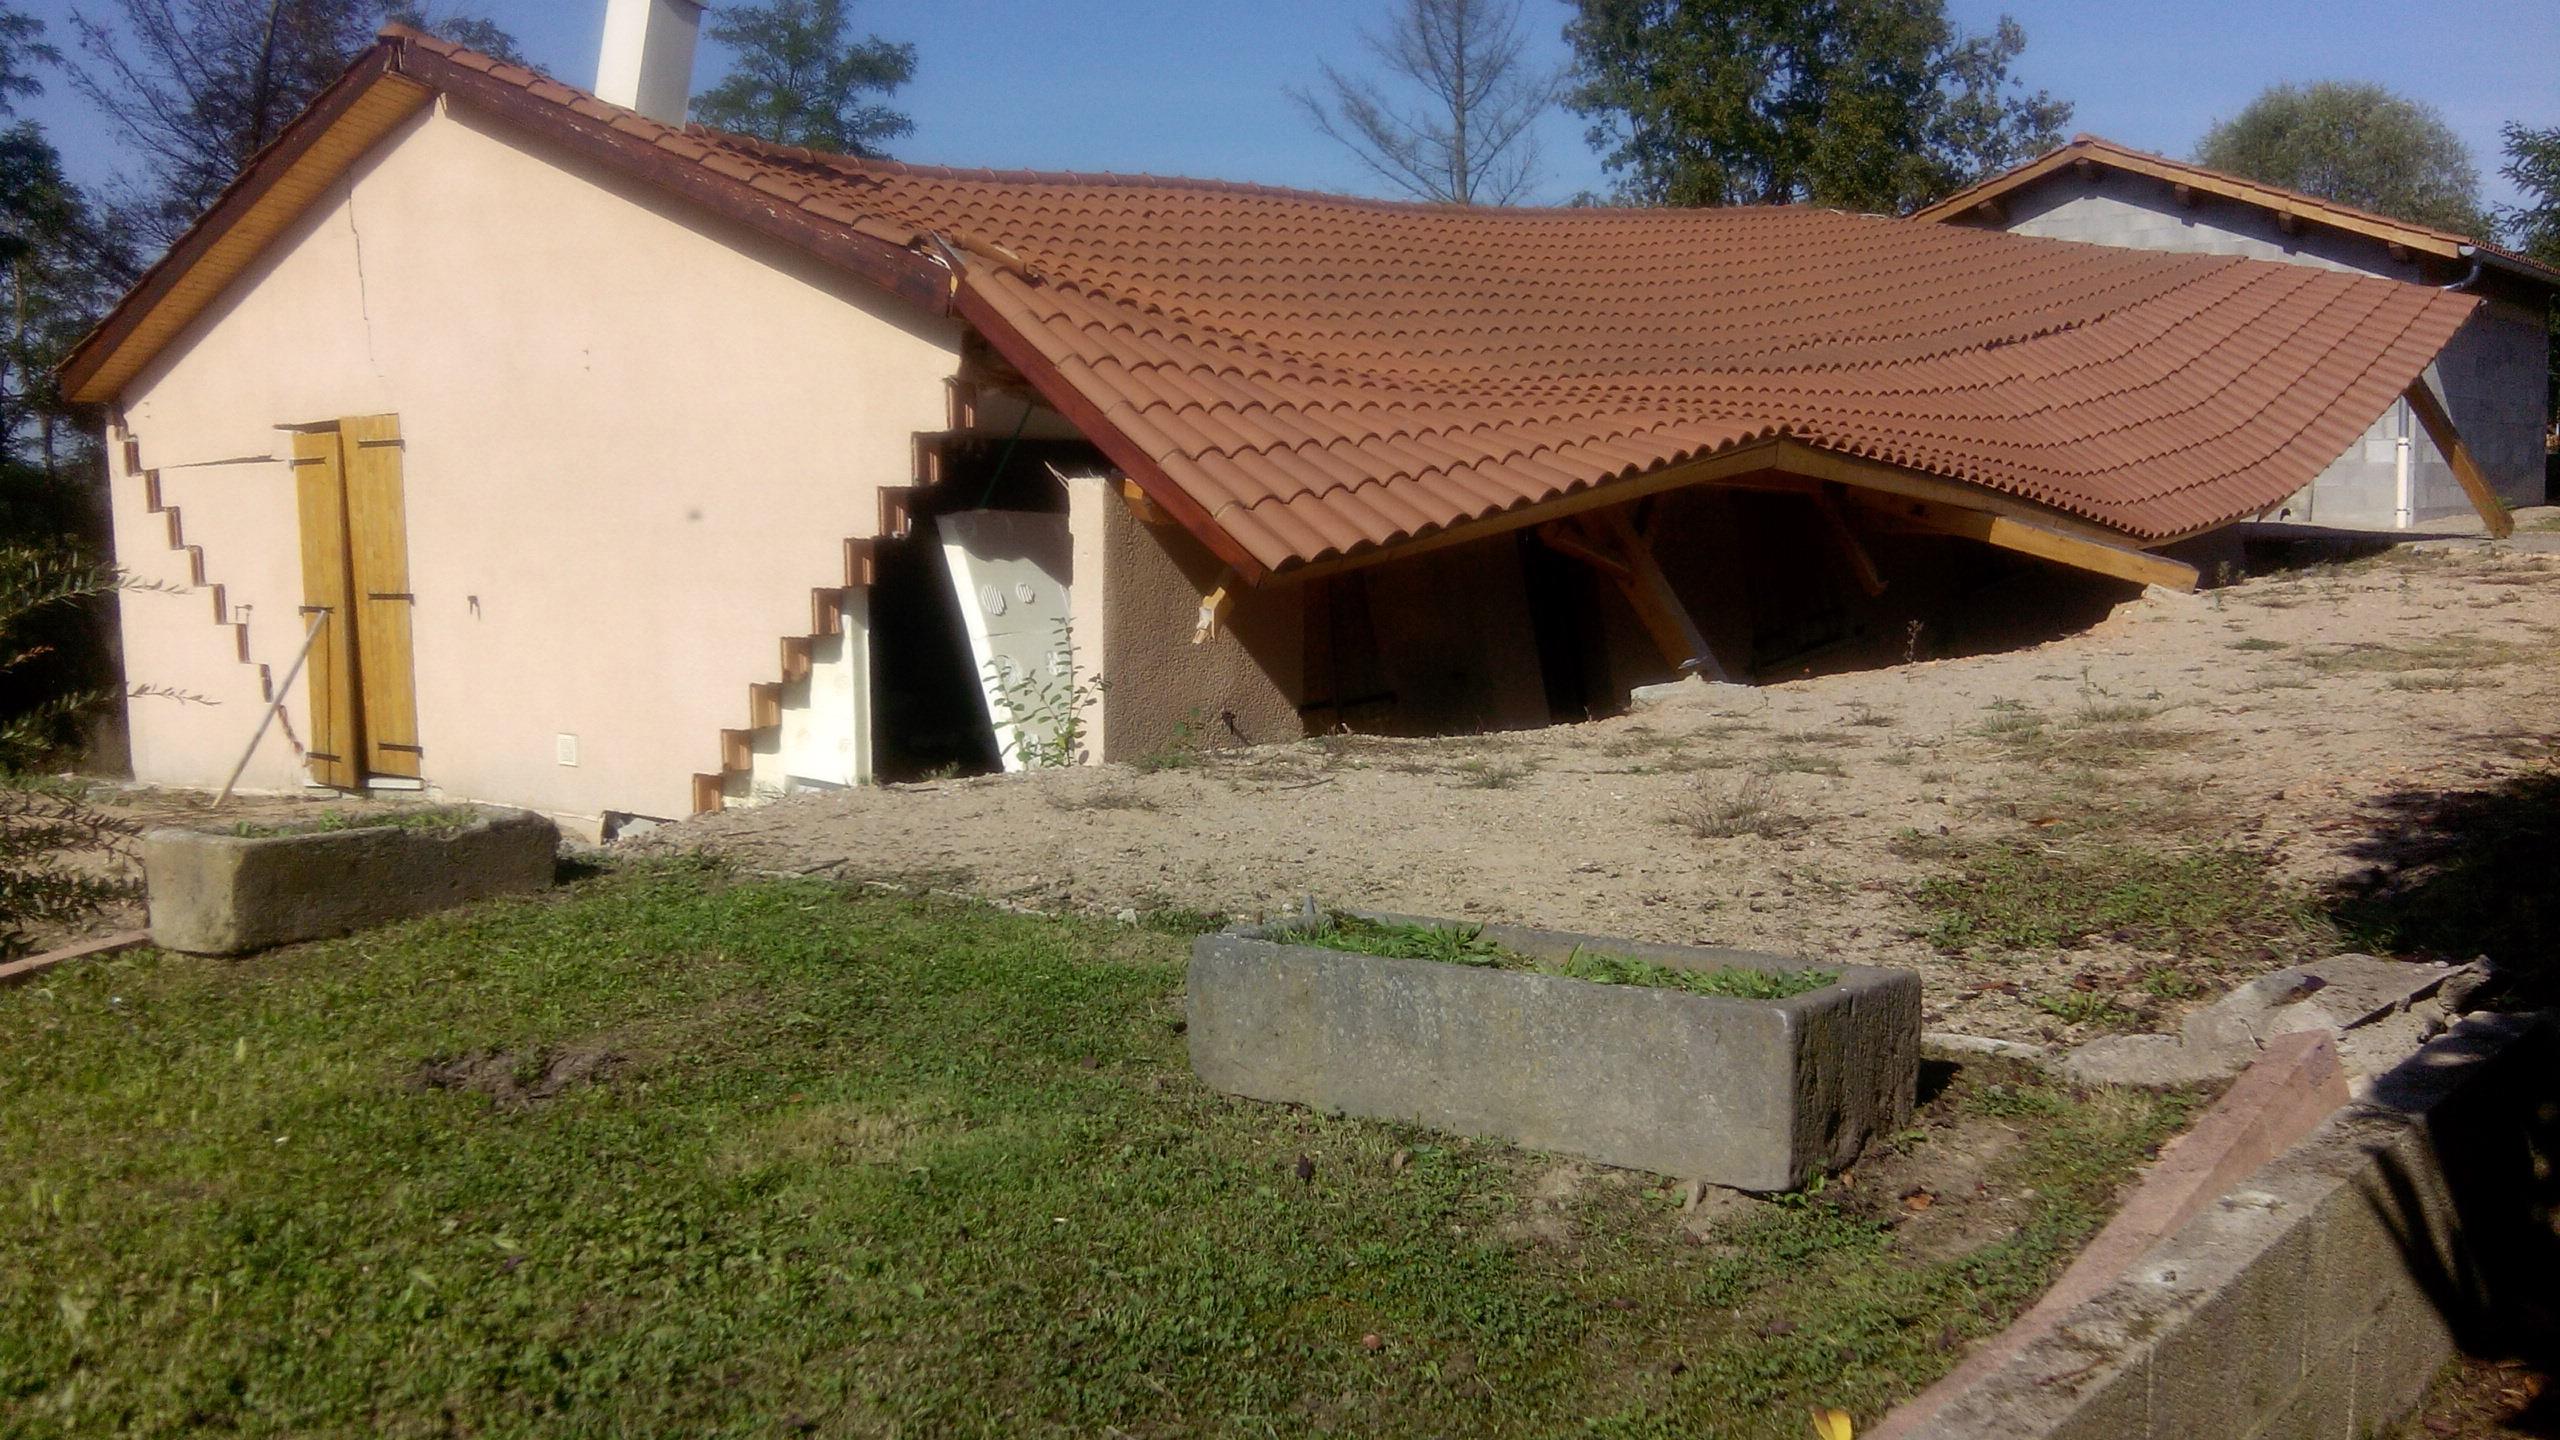 Nos conseils - Maison sans vide sanitaire humidite ...